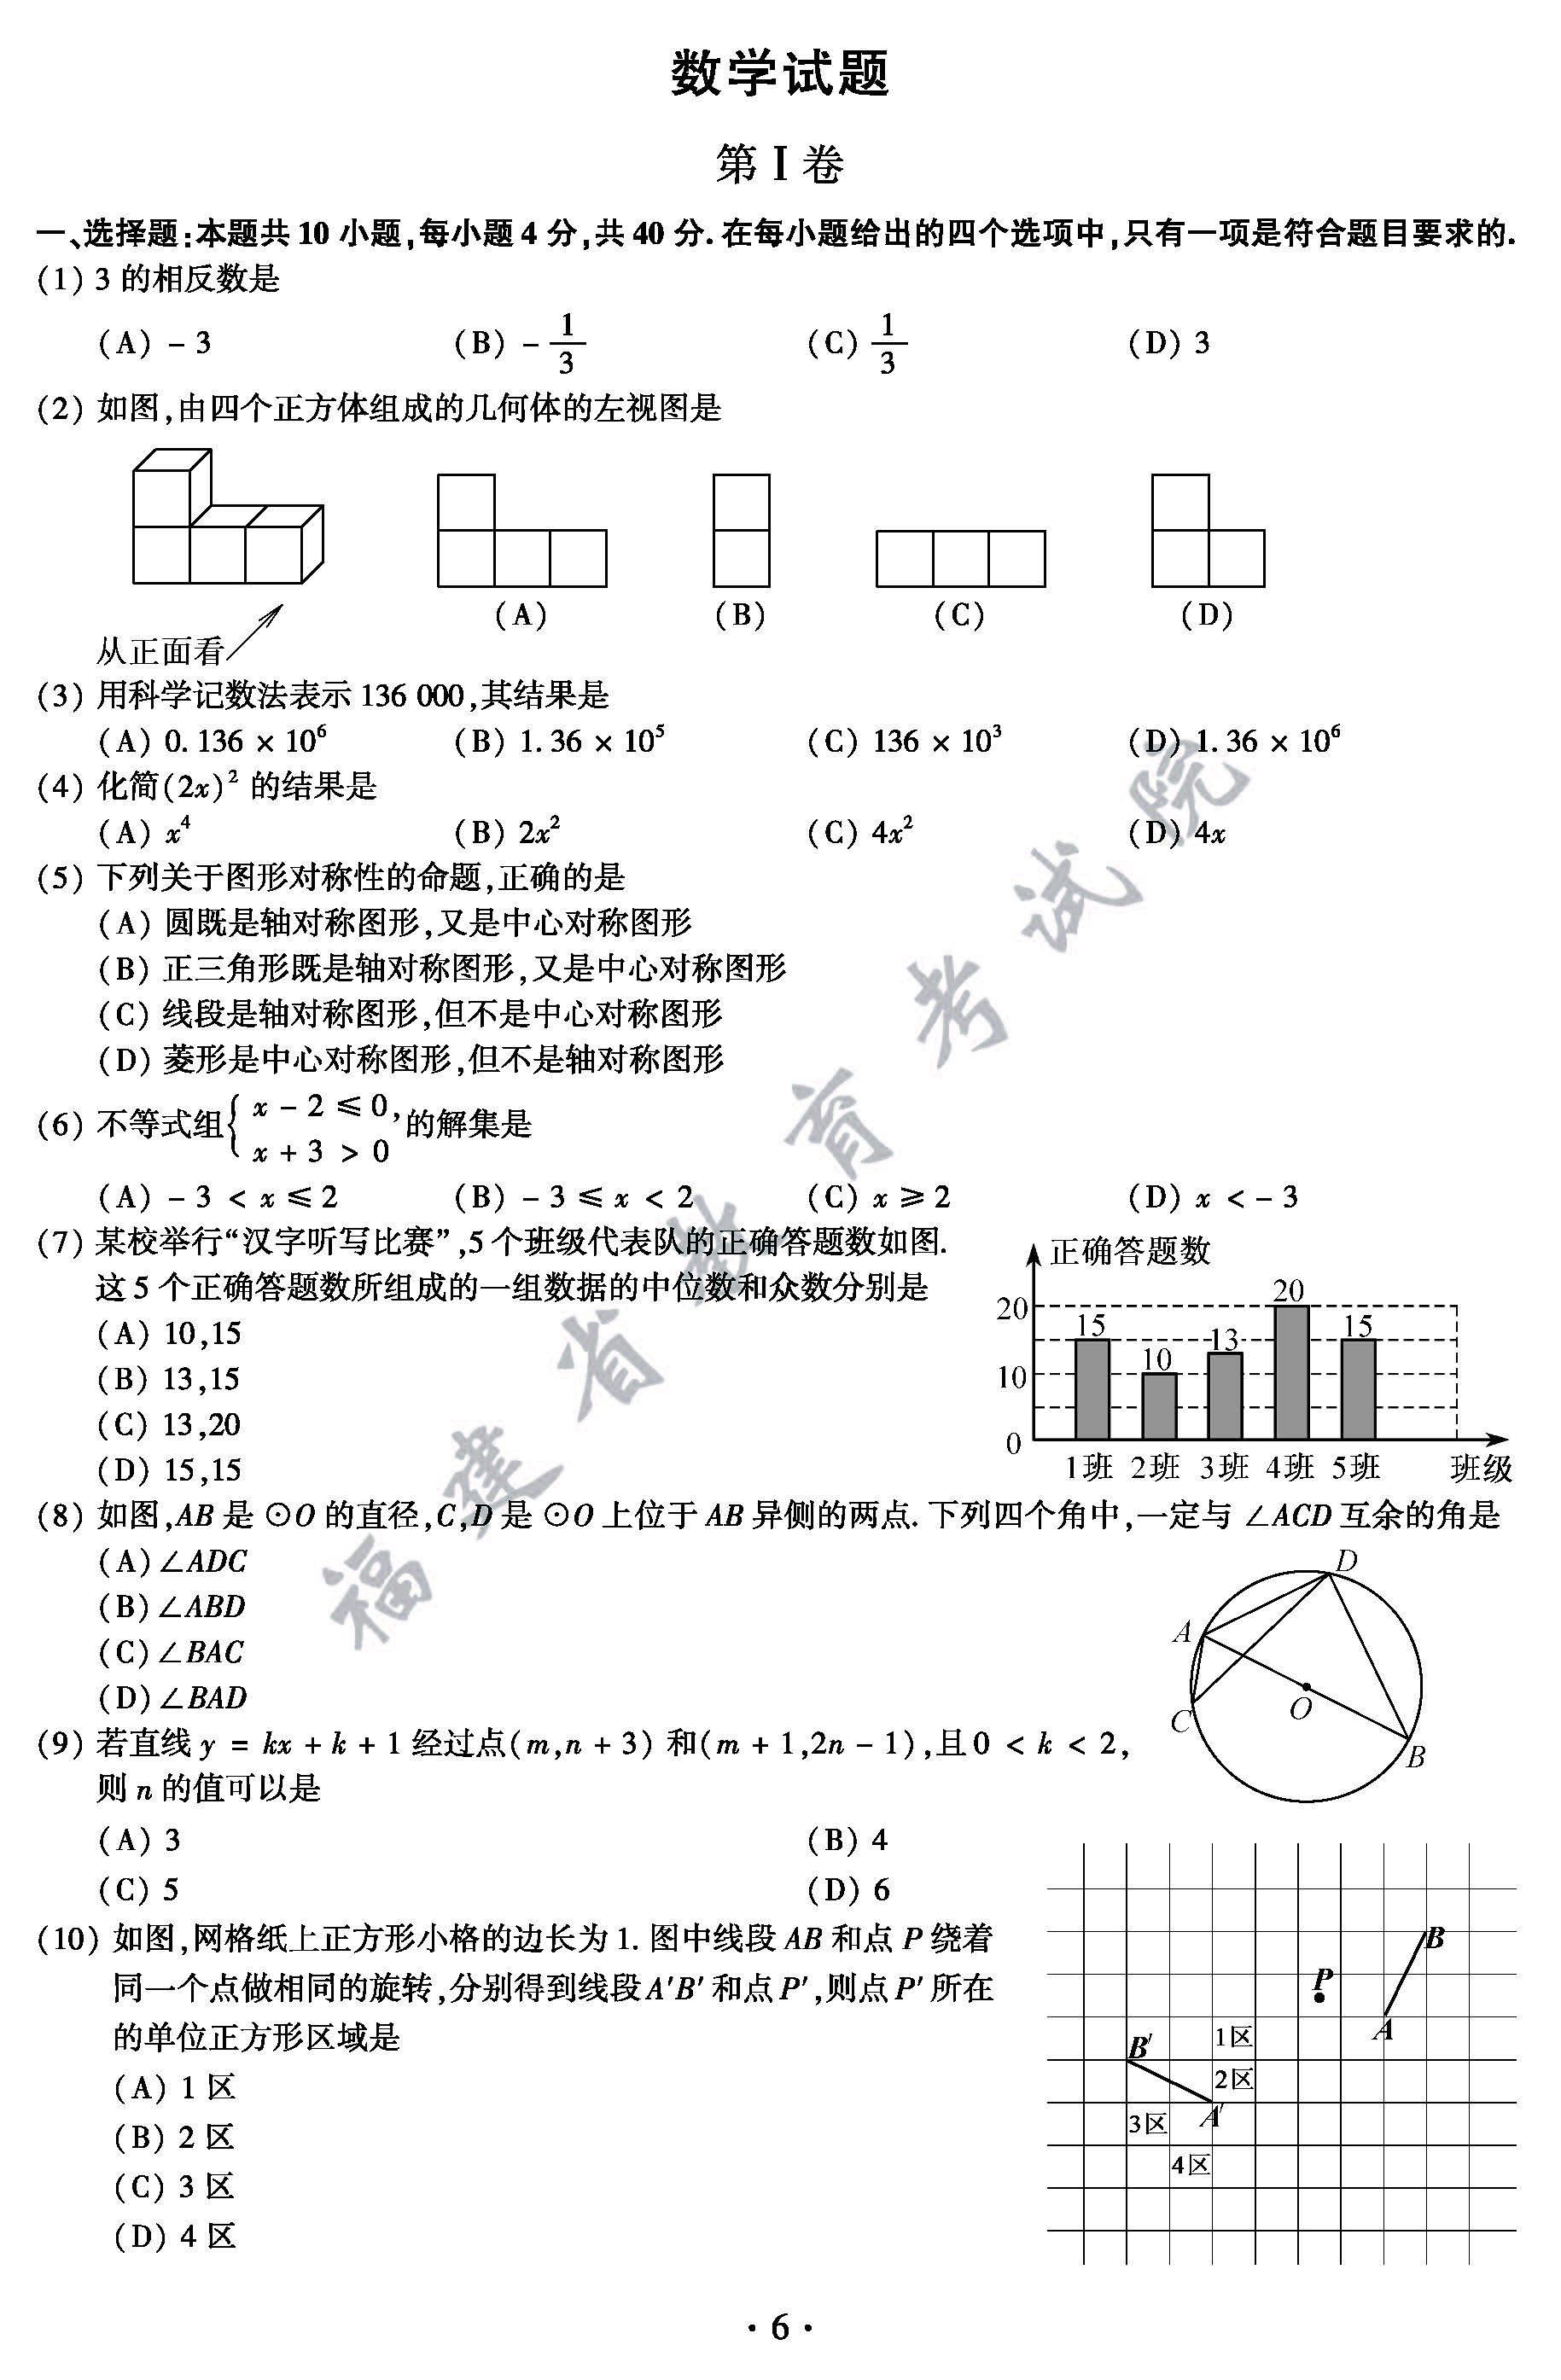 2017福建中考数学试题及答案解析(图片版含答案)